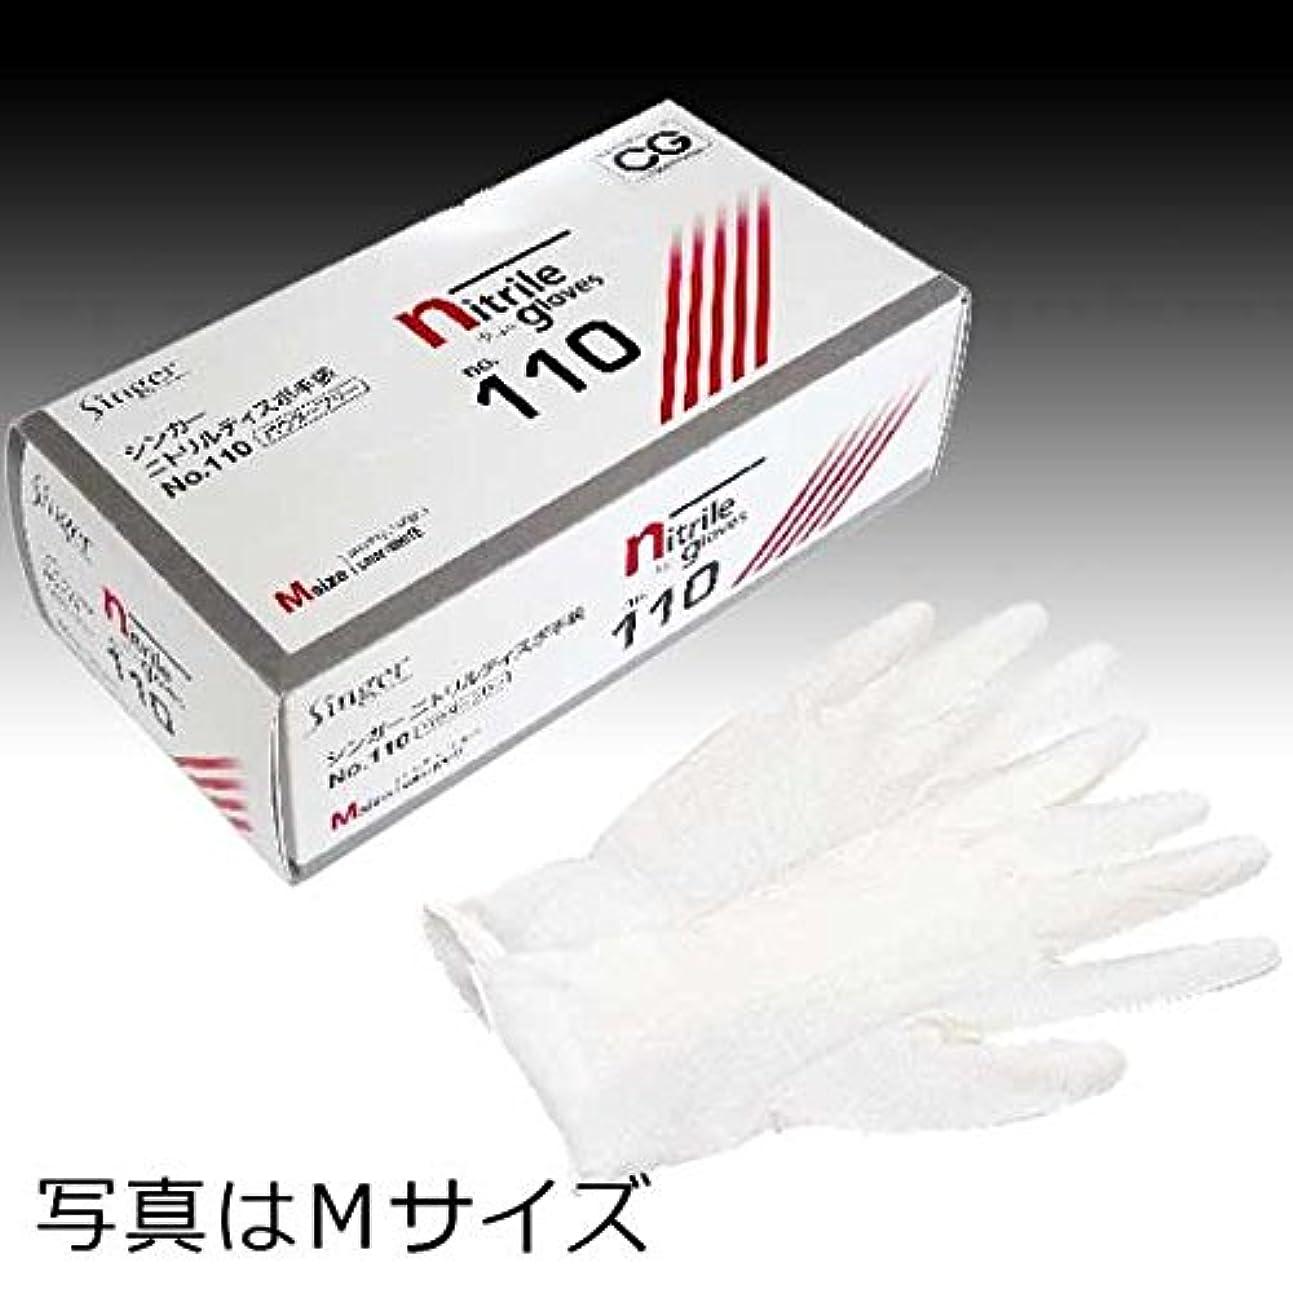 隠す偽ドックシンガーニトリルディスポ No.100 使い捨て手袋 粉つき2000枚 (100枚入り×20箱) (L)